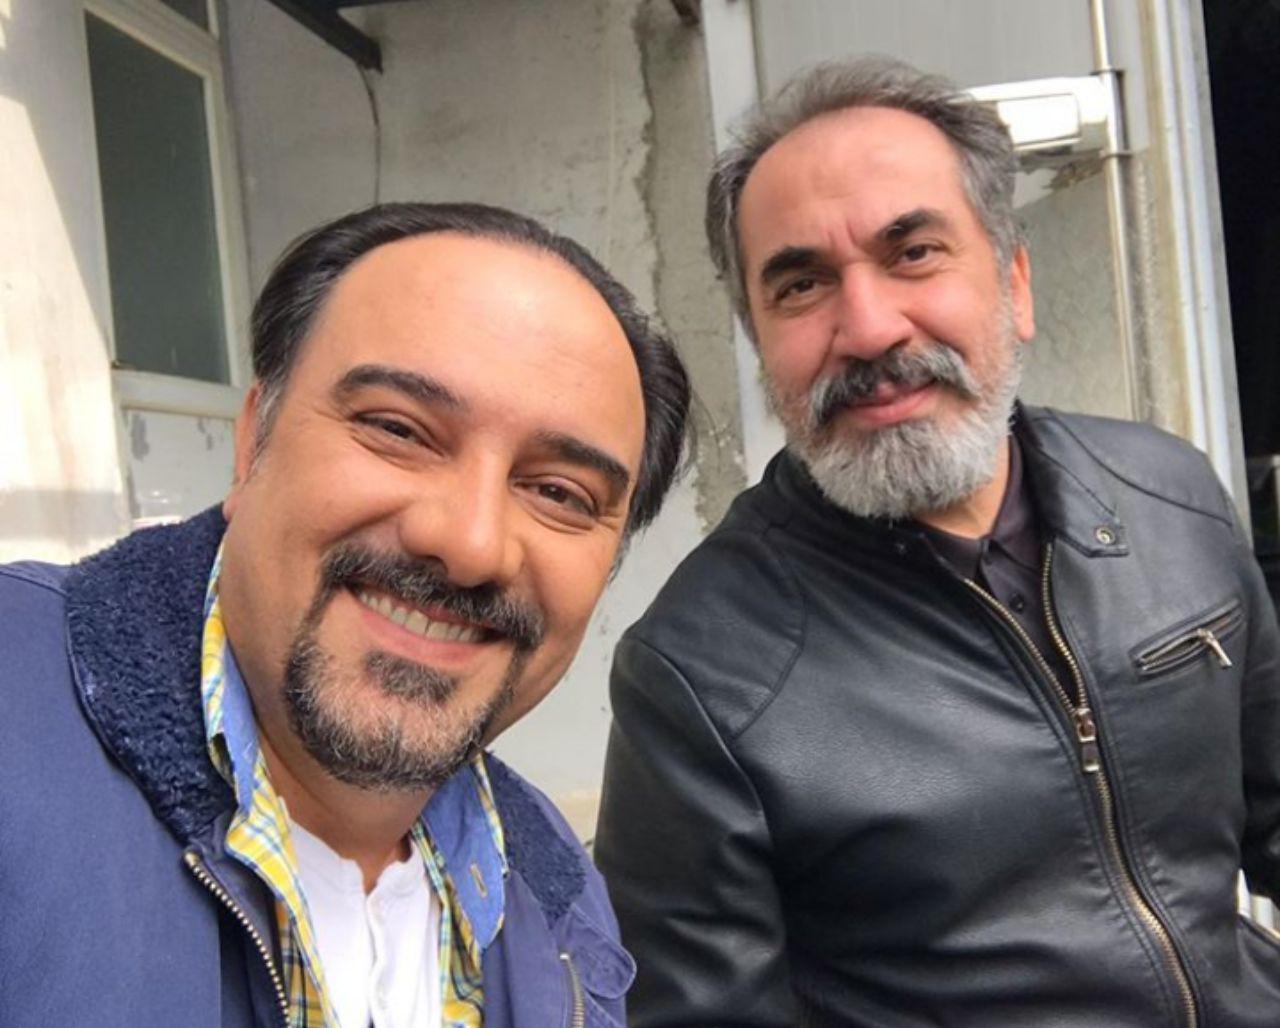 آخرین خبر از ساخت سریال سیامک انصاری و جواد رضویان